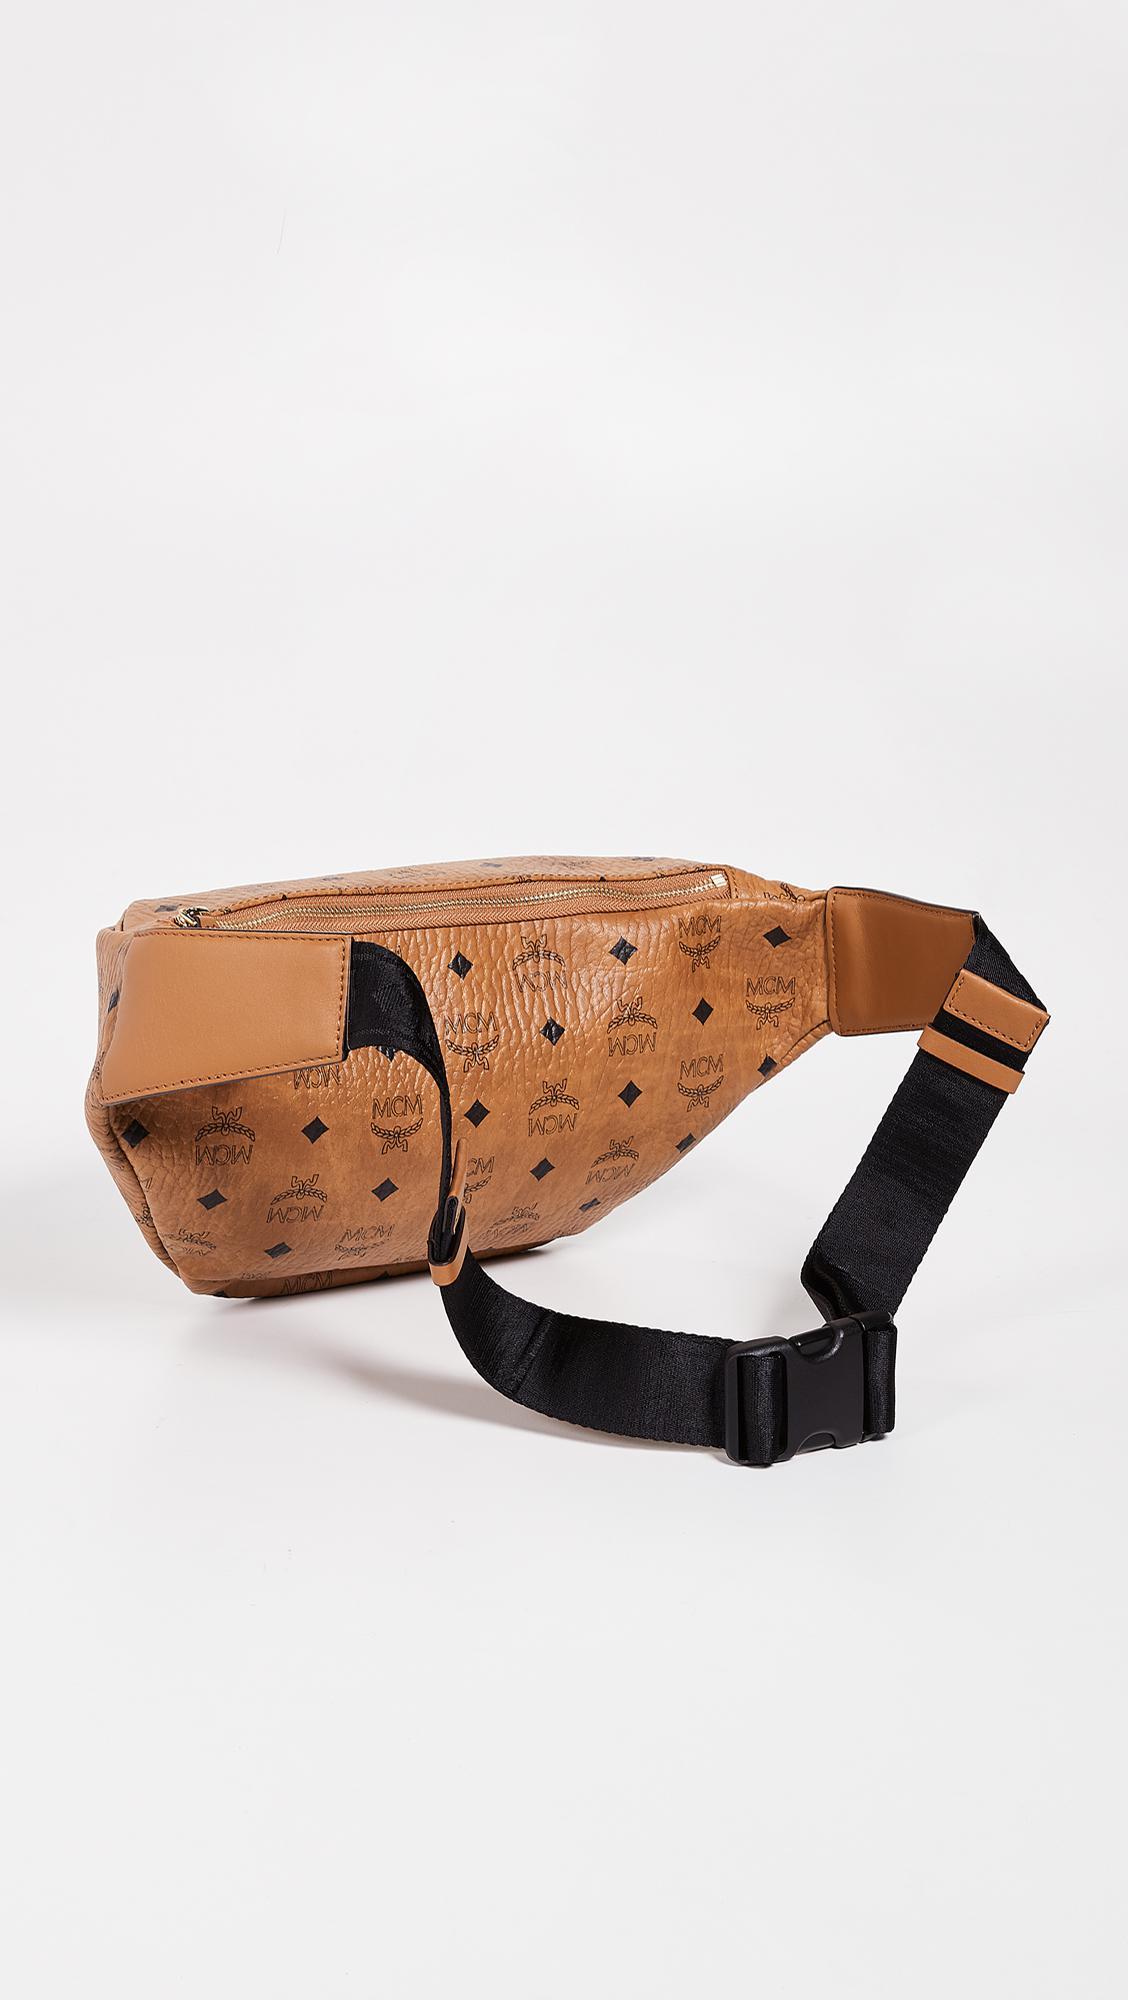 8b0a37c089c Lyst - MCM Stark Medium Belt Bag in Brown for Men